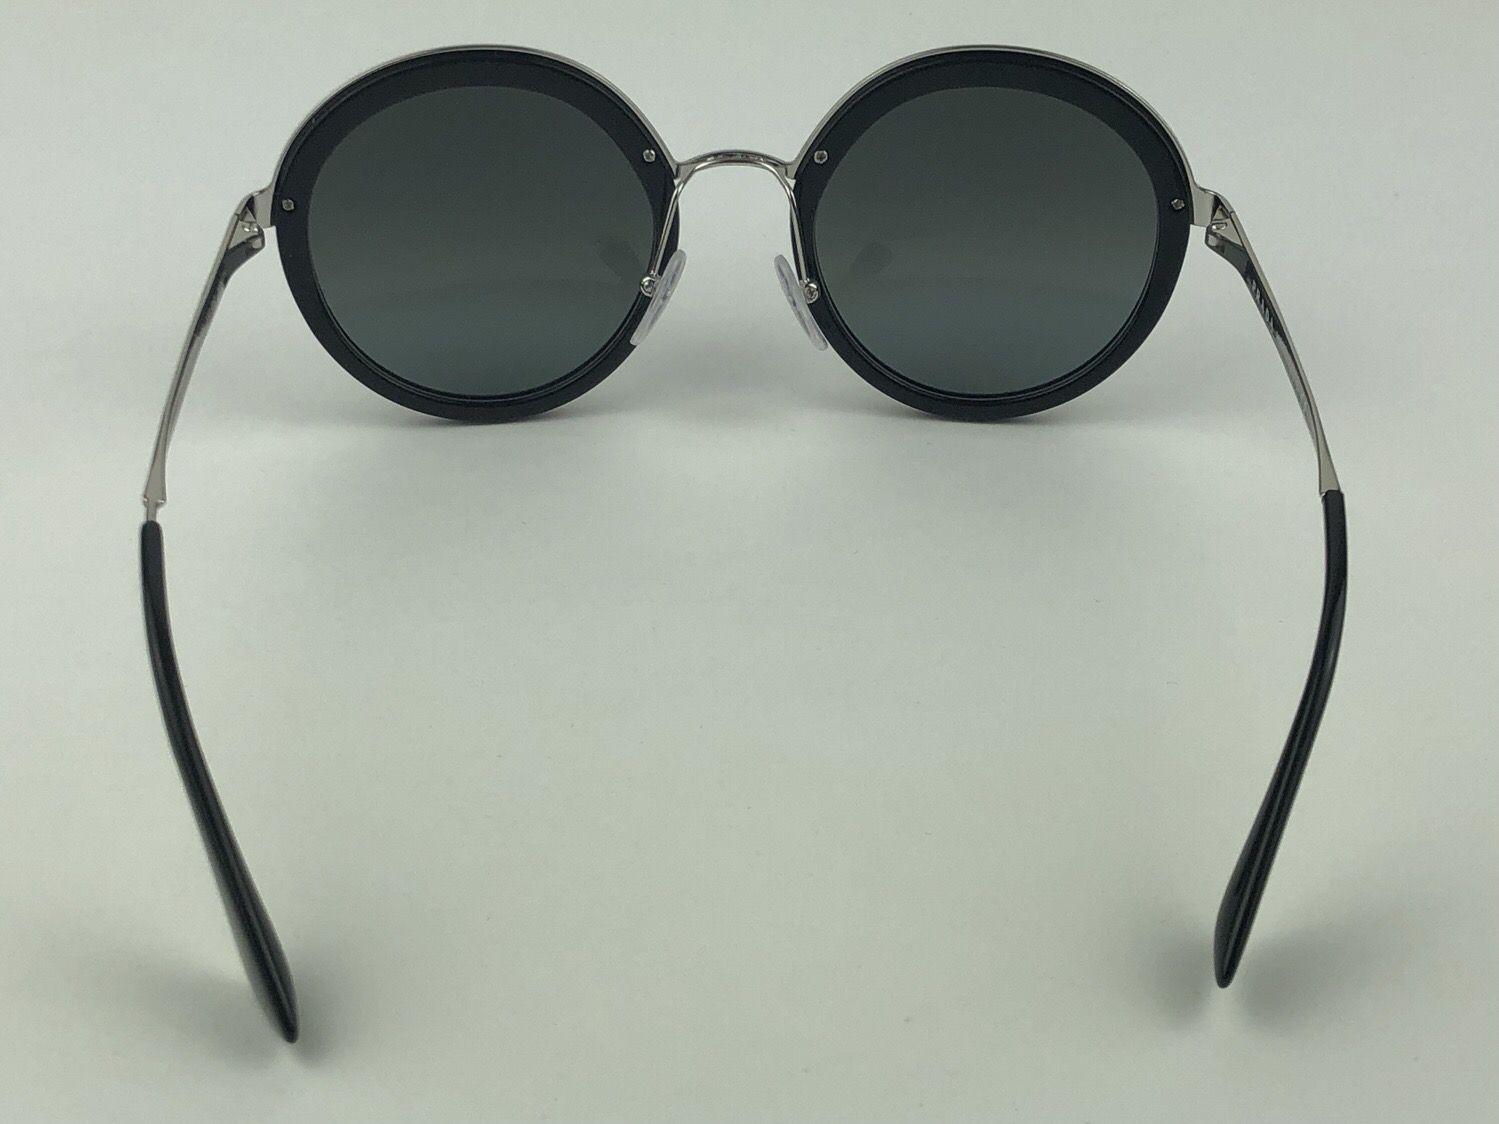 Prada - PR50TS - Preto - 1AB-6N2- 54/23 - Óculos de sol